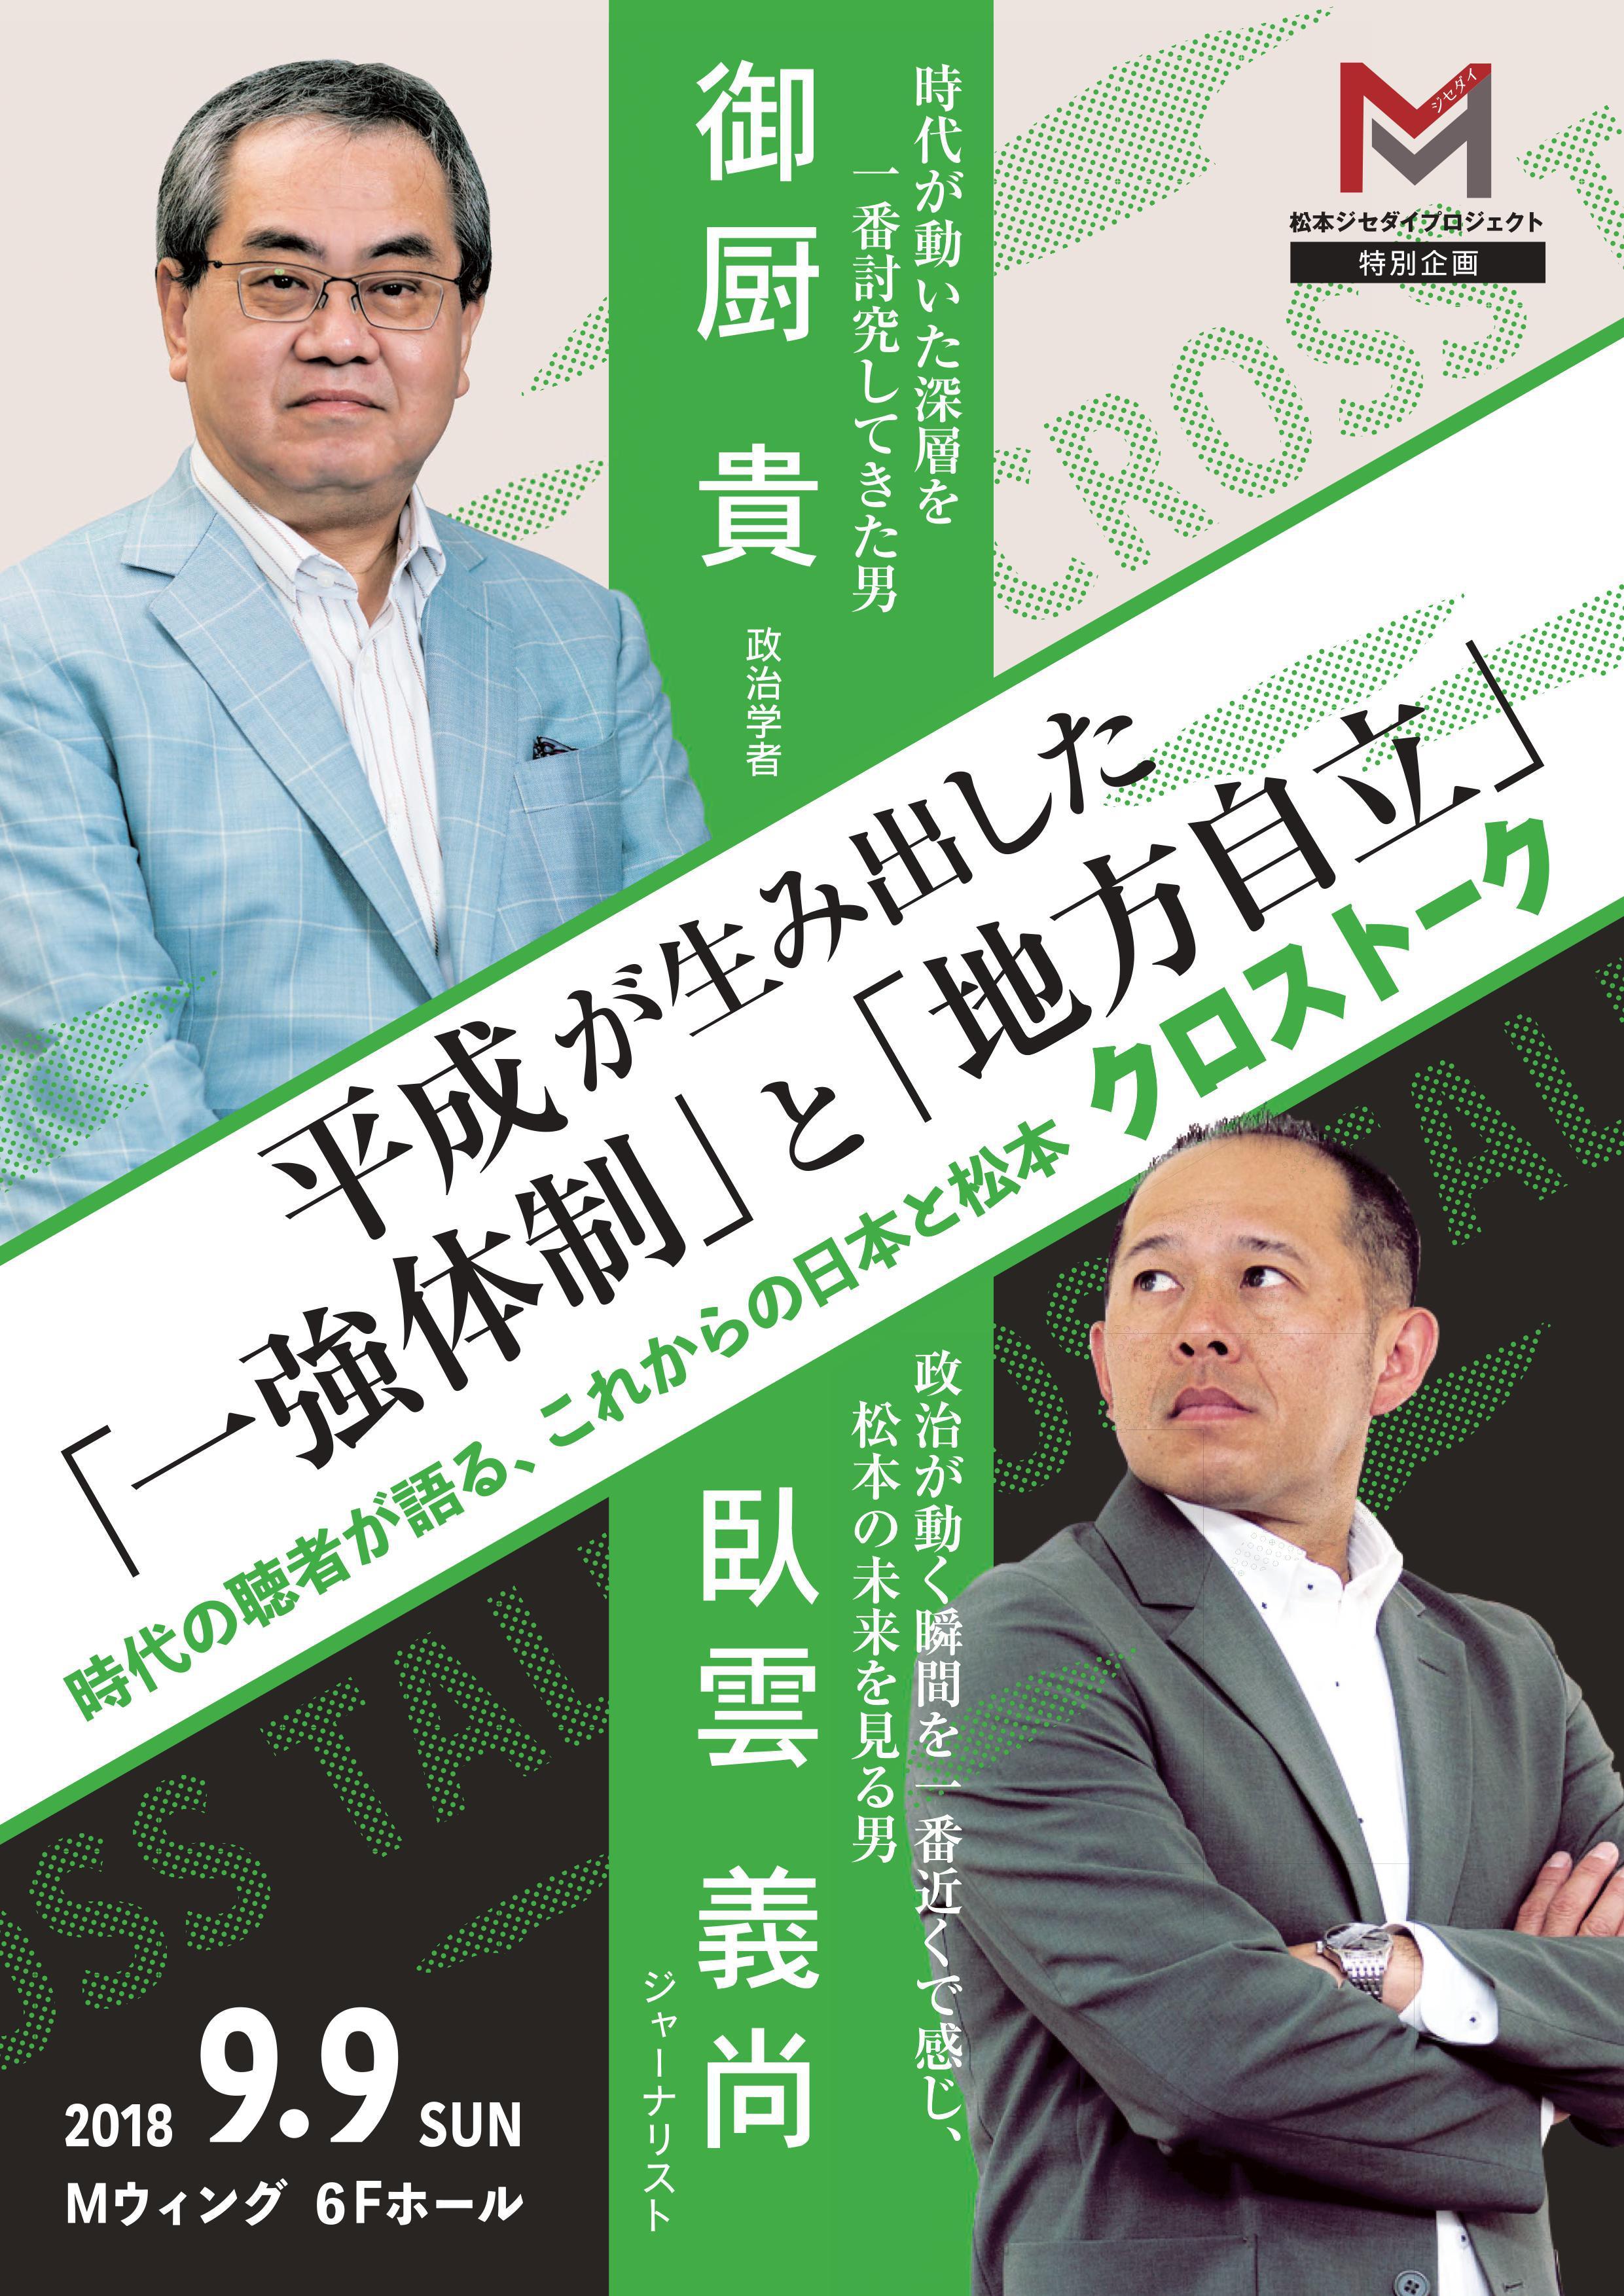 【特別企画】クロストーク「時代の聴者が語る、これからの日本と松本」